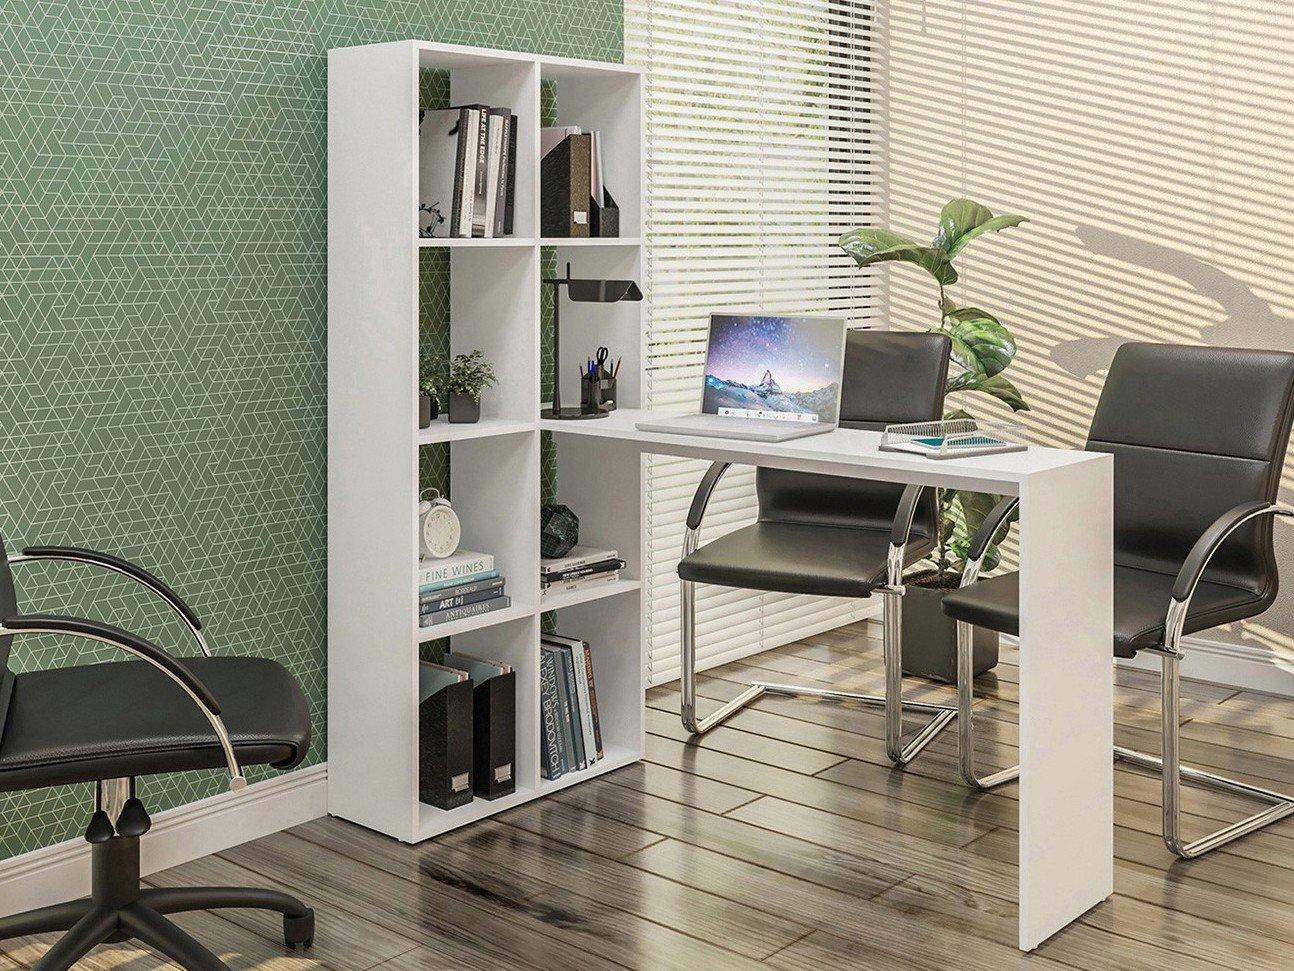 Foto 1 - Escrivaninha/Mesa para Computador - Multimóveis 2561697697